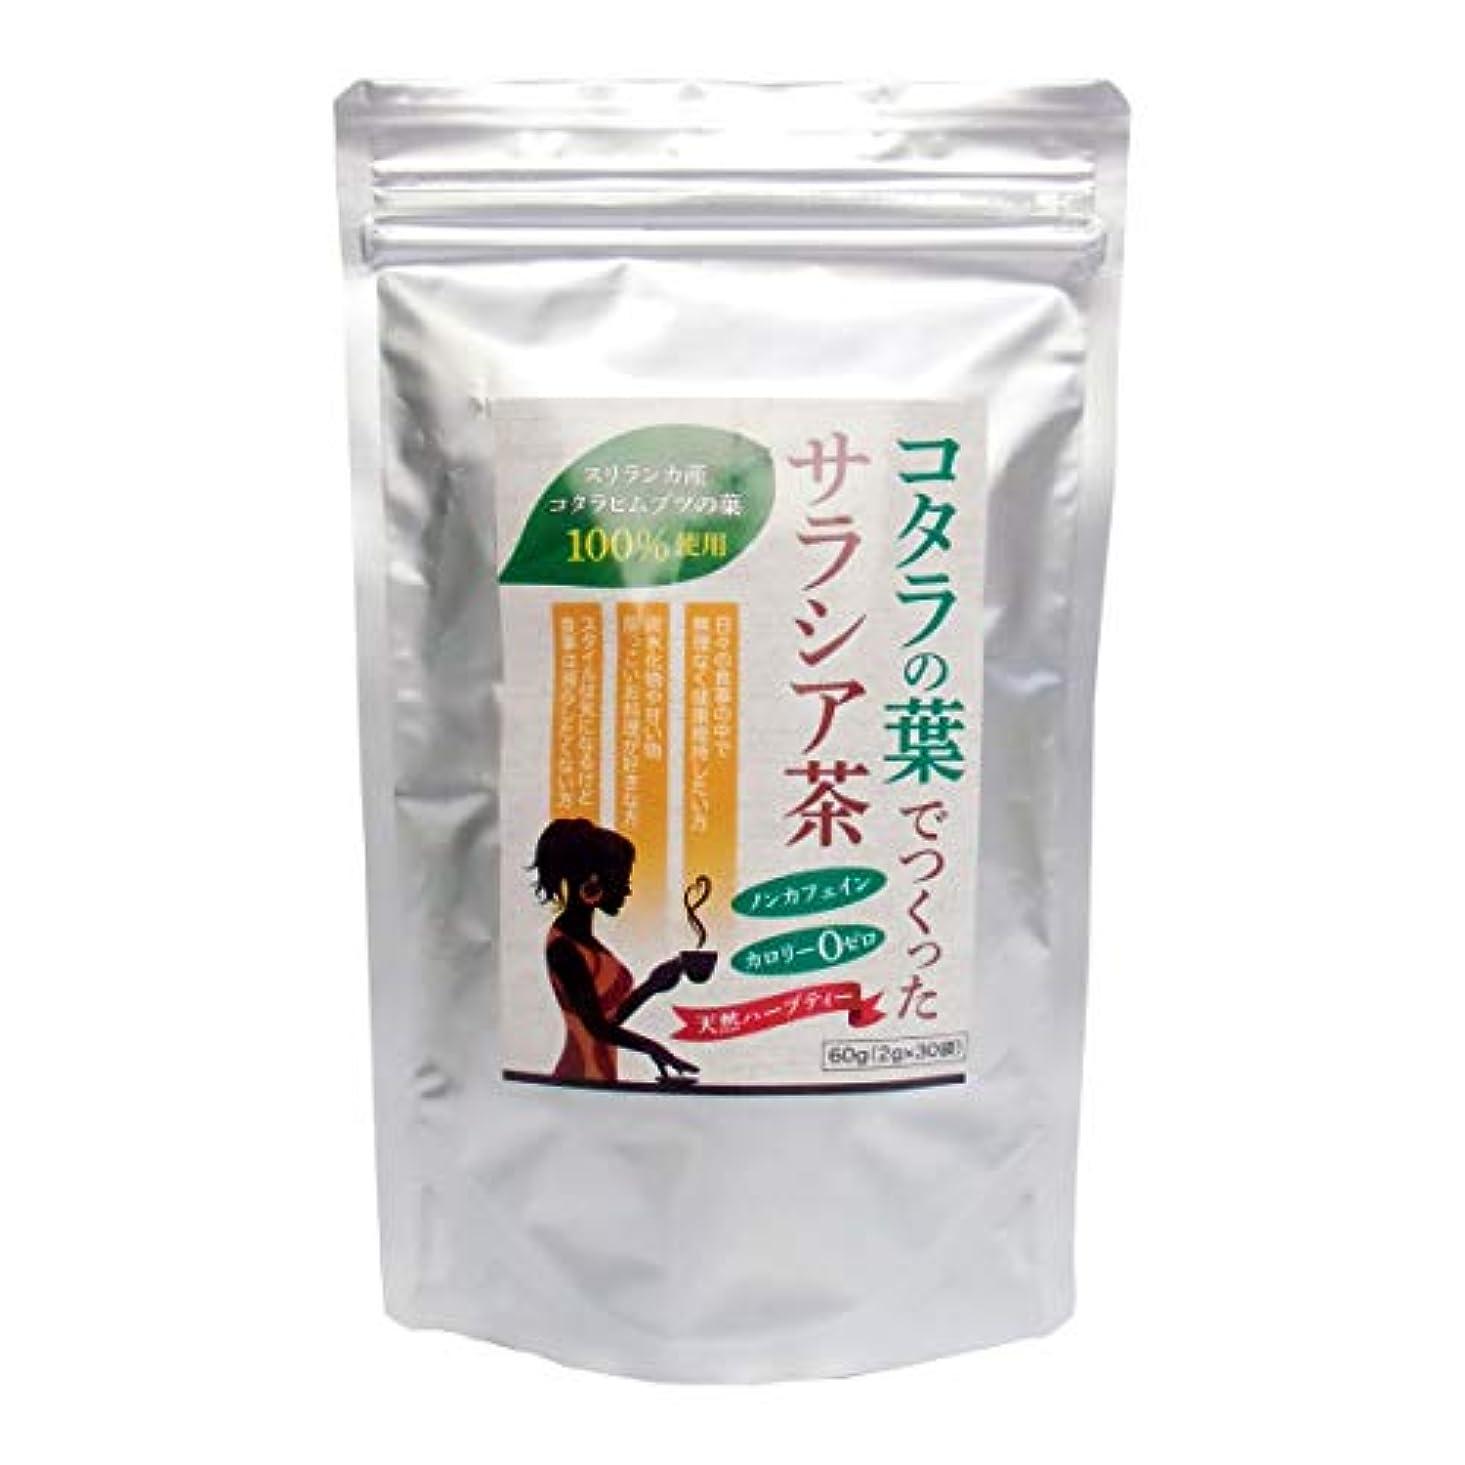 記録活性化する低い【初回限定お試し価格】コタラの葉でつくったサラシア茶 (茶葉タイプ) 60g (2g×30袋)